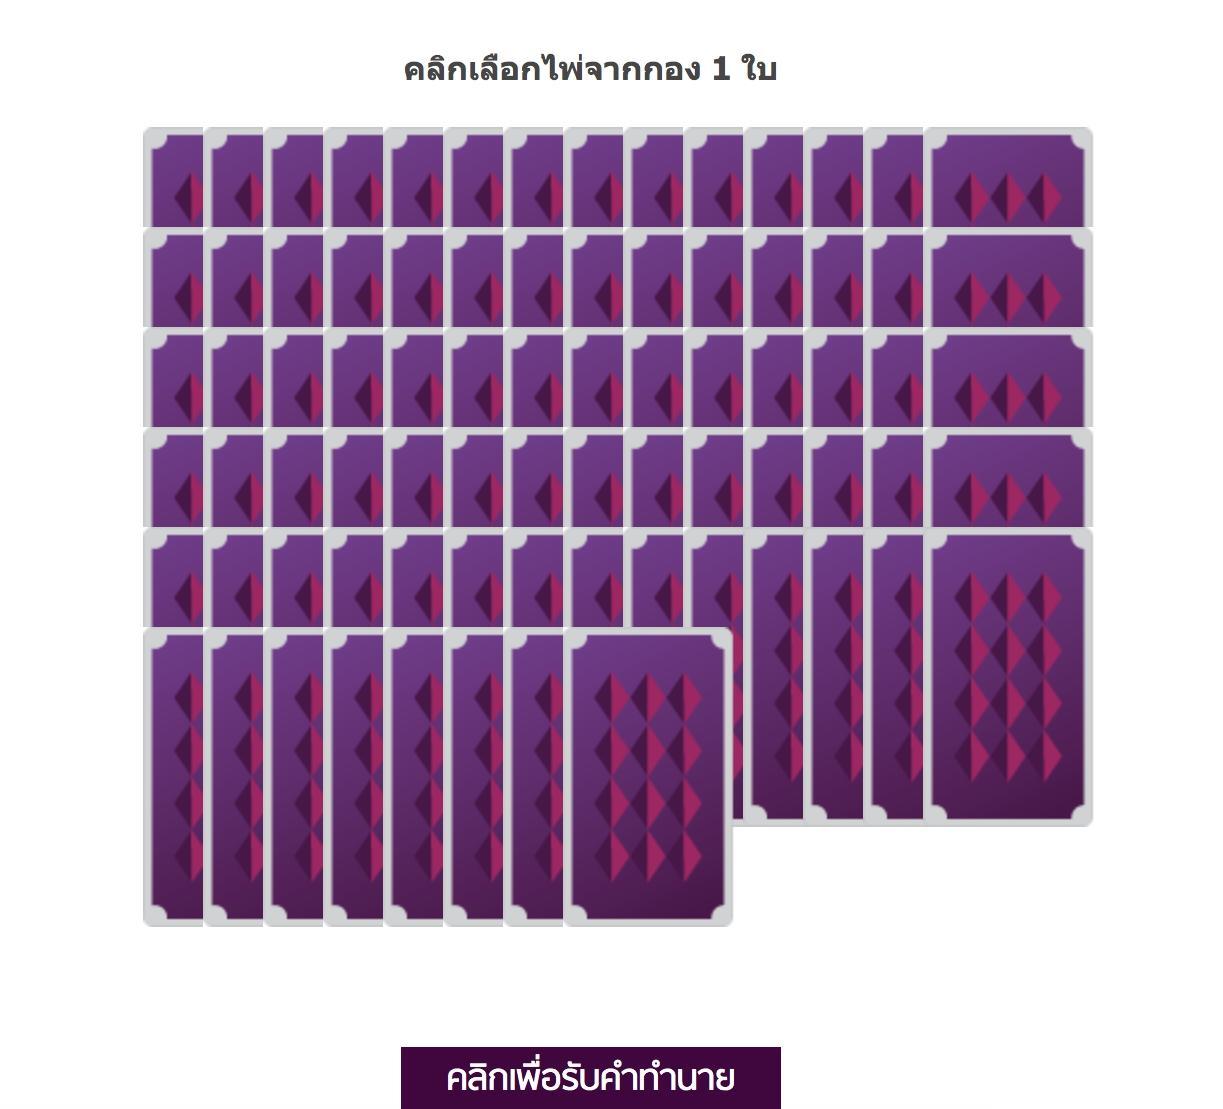 Macintosh HD:Users:User:Desktop:ดูดวงไพ่ยิปซี:1619599681701.jpg